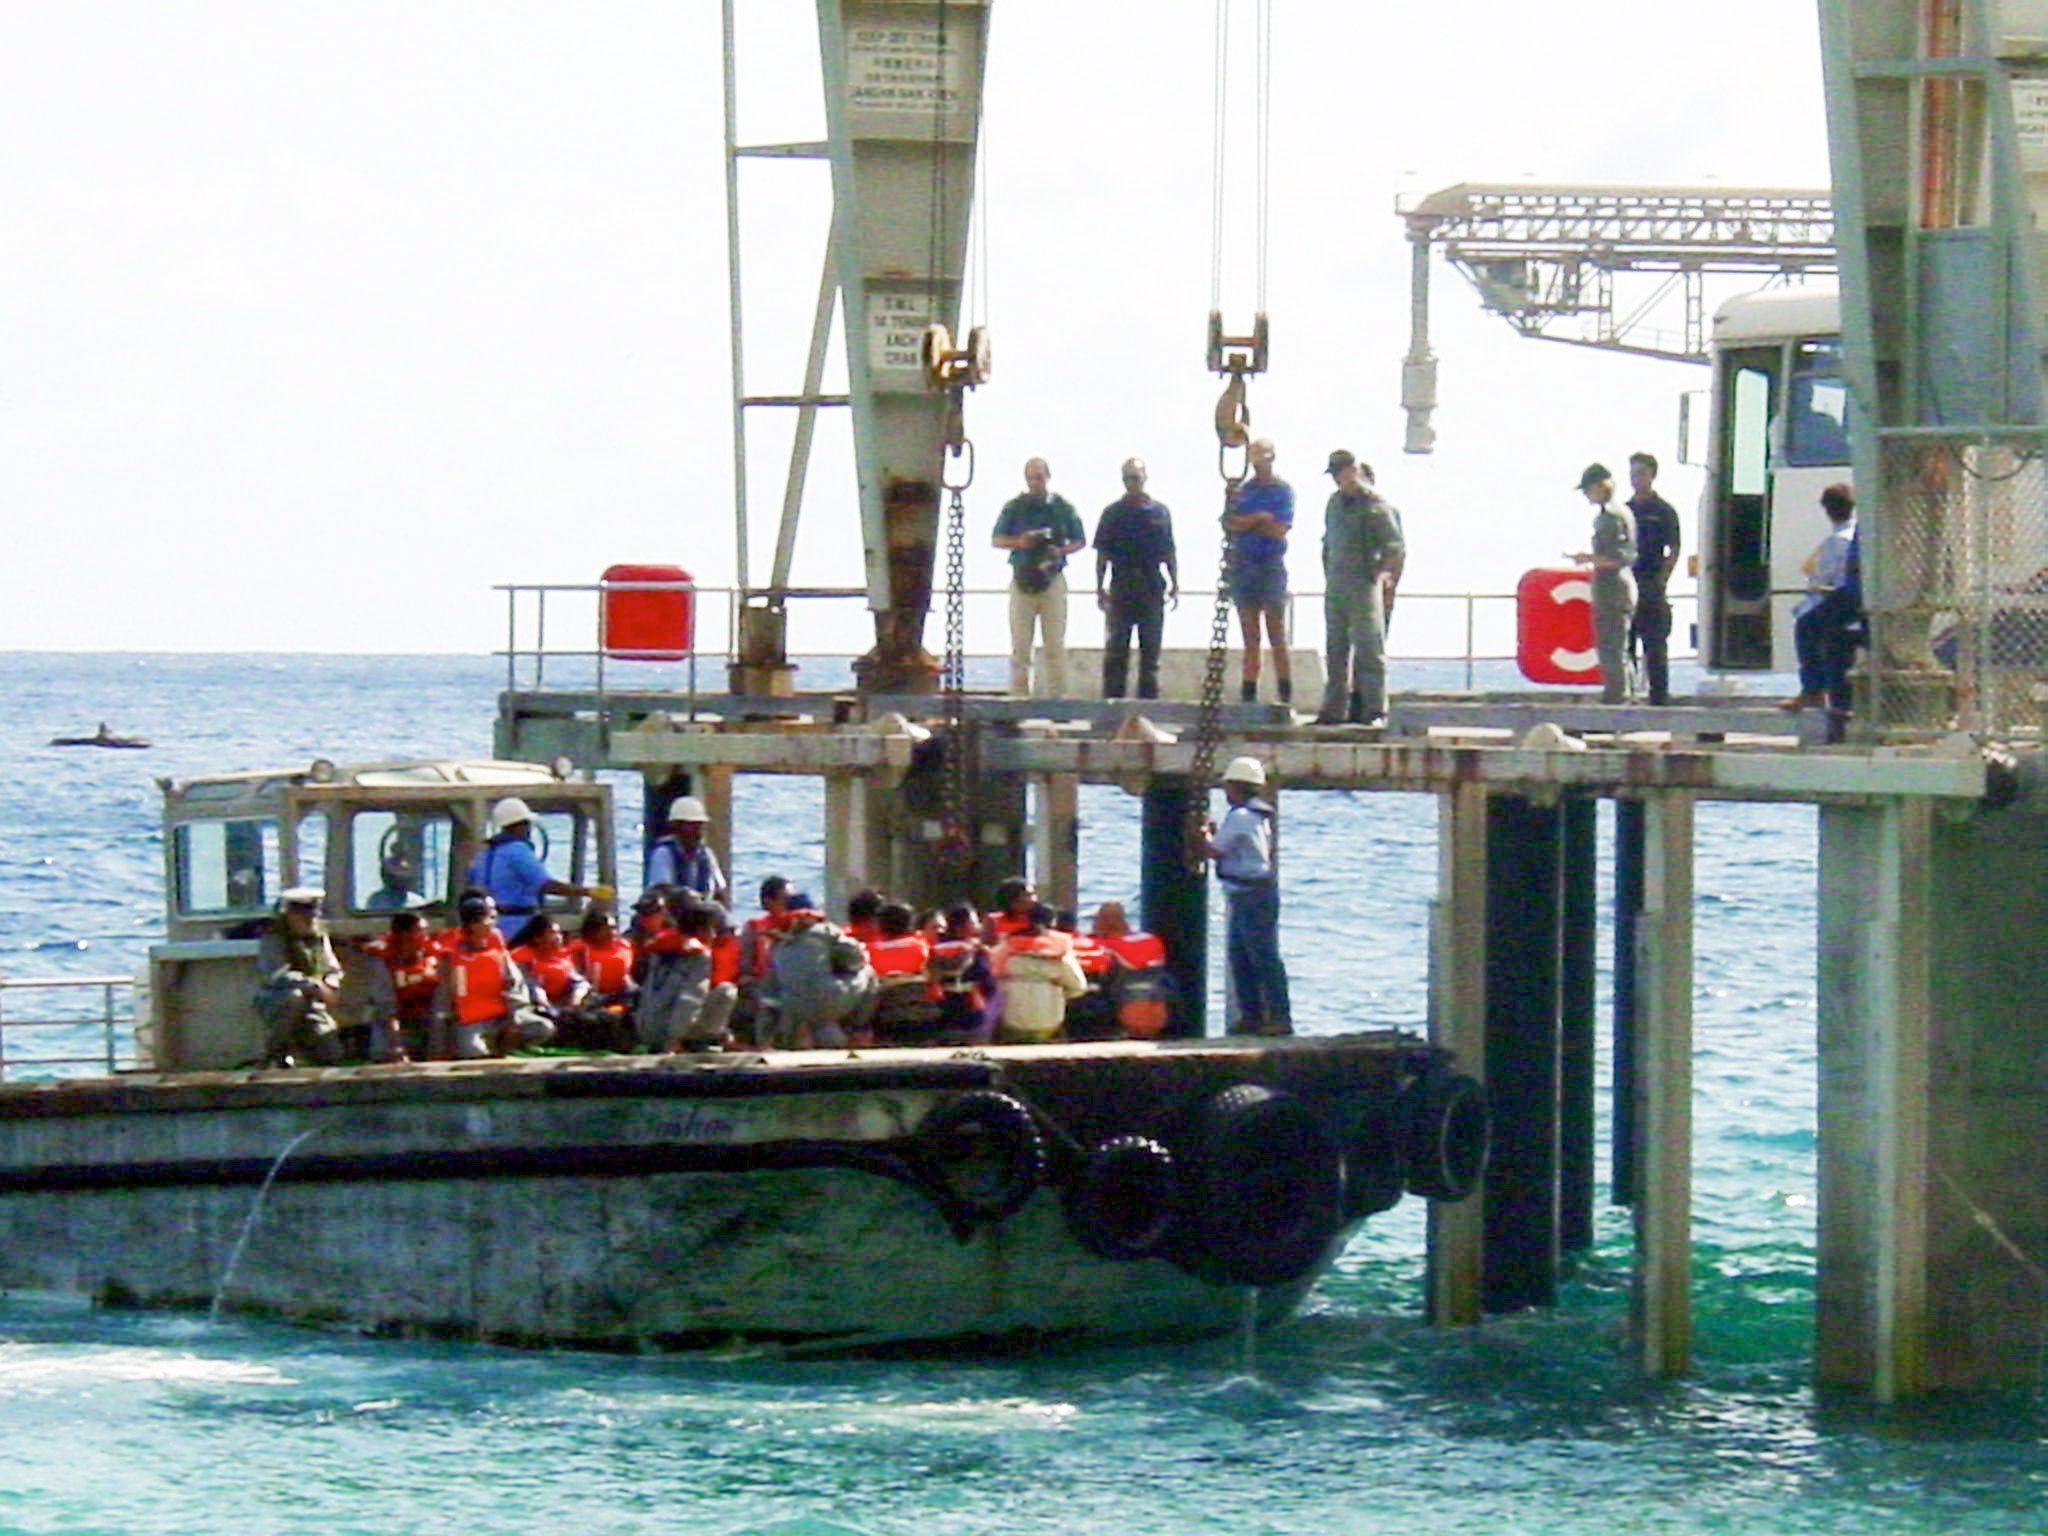 Minister: Seit 600 Tagen erreichte kein Boot mehr das Land.